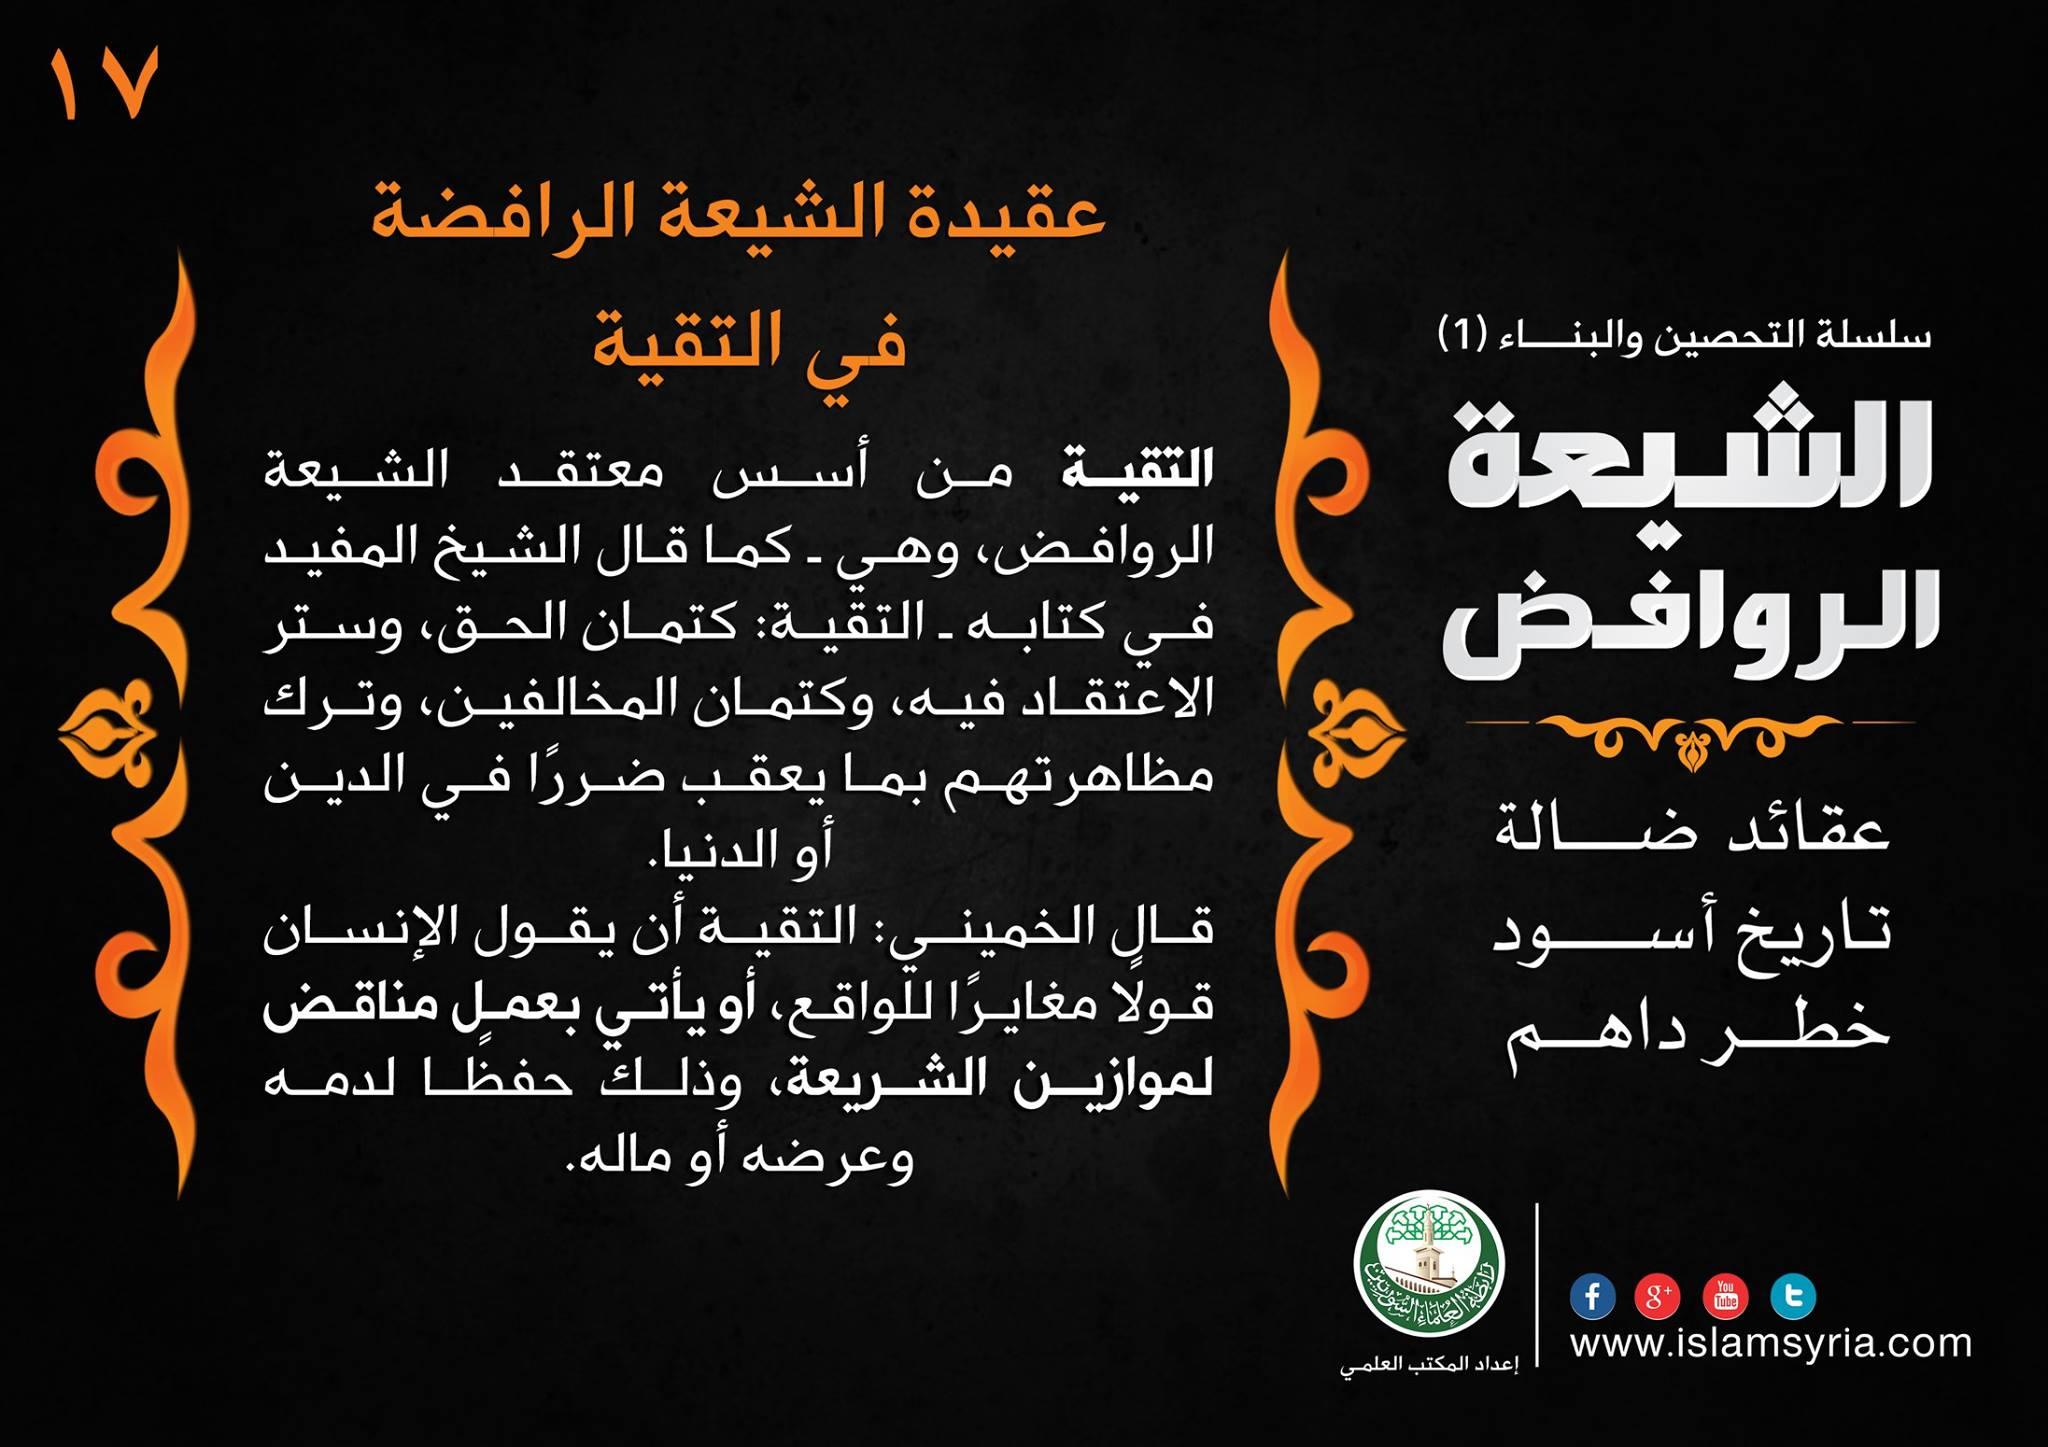 سلسلة التحصين والبناء -17- الشيعة الروافض